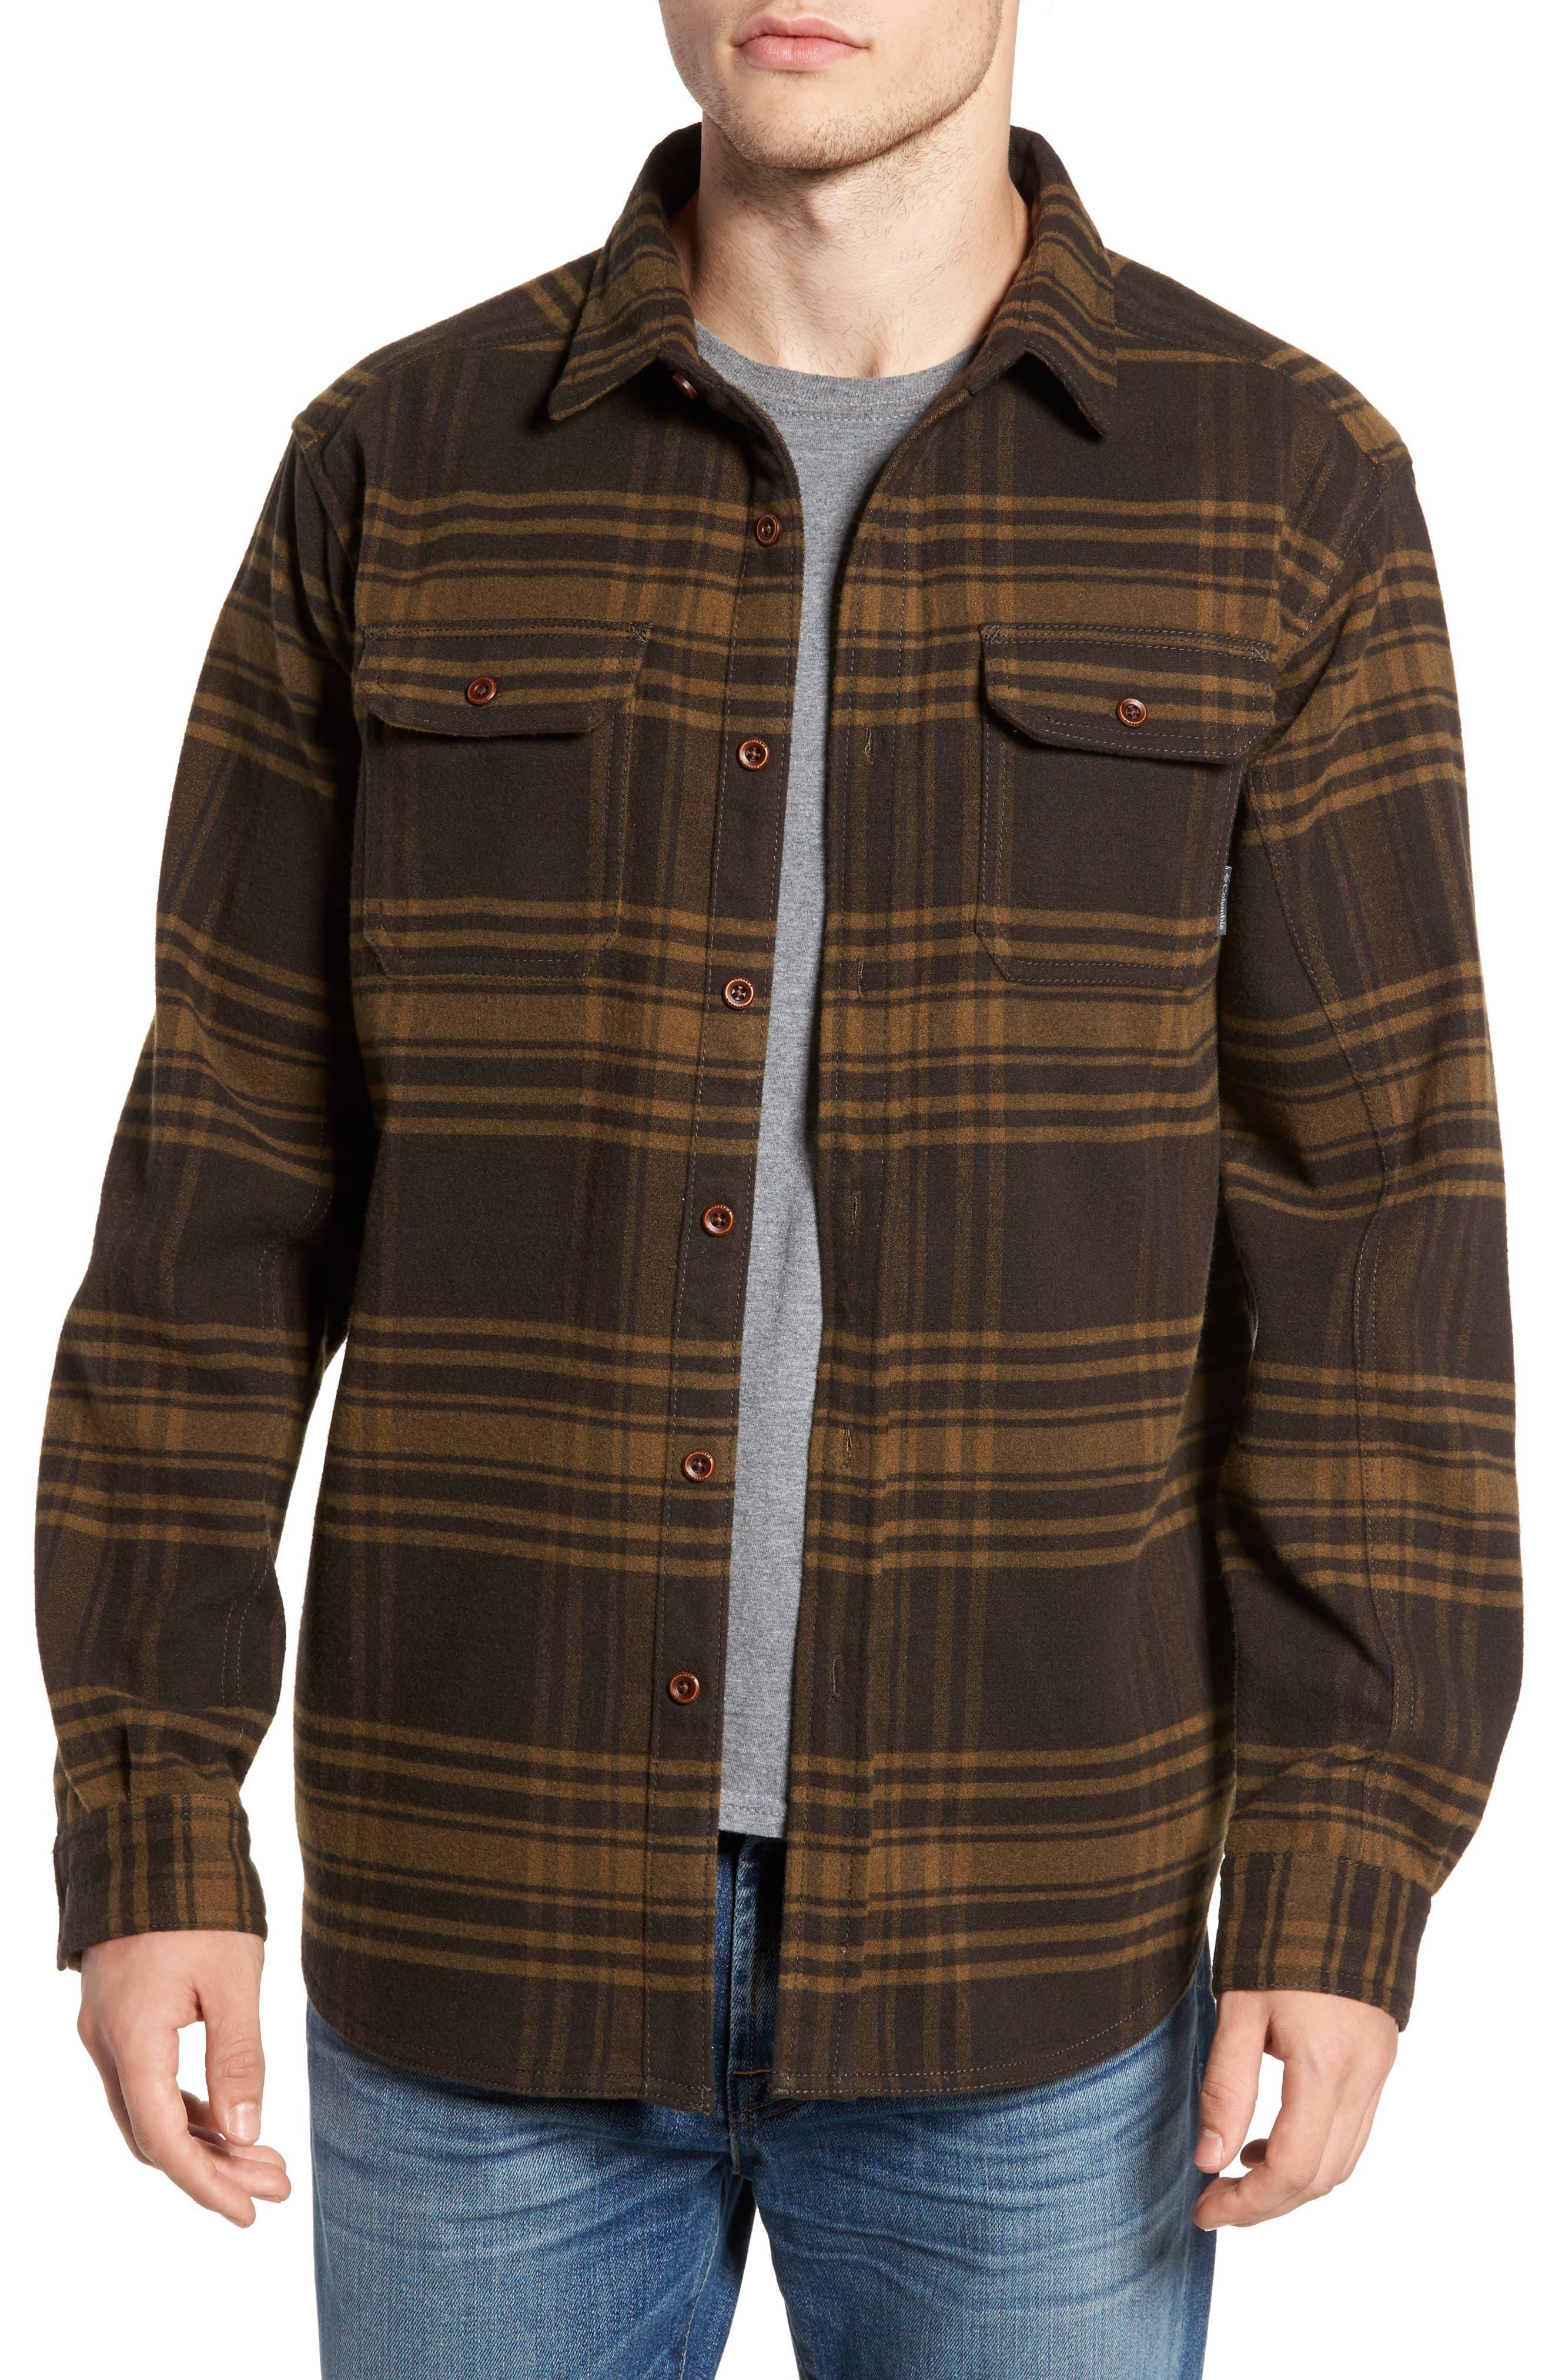 Columbia Deschutes River™ Heavyweight Flannel Shirt Jacket